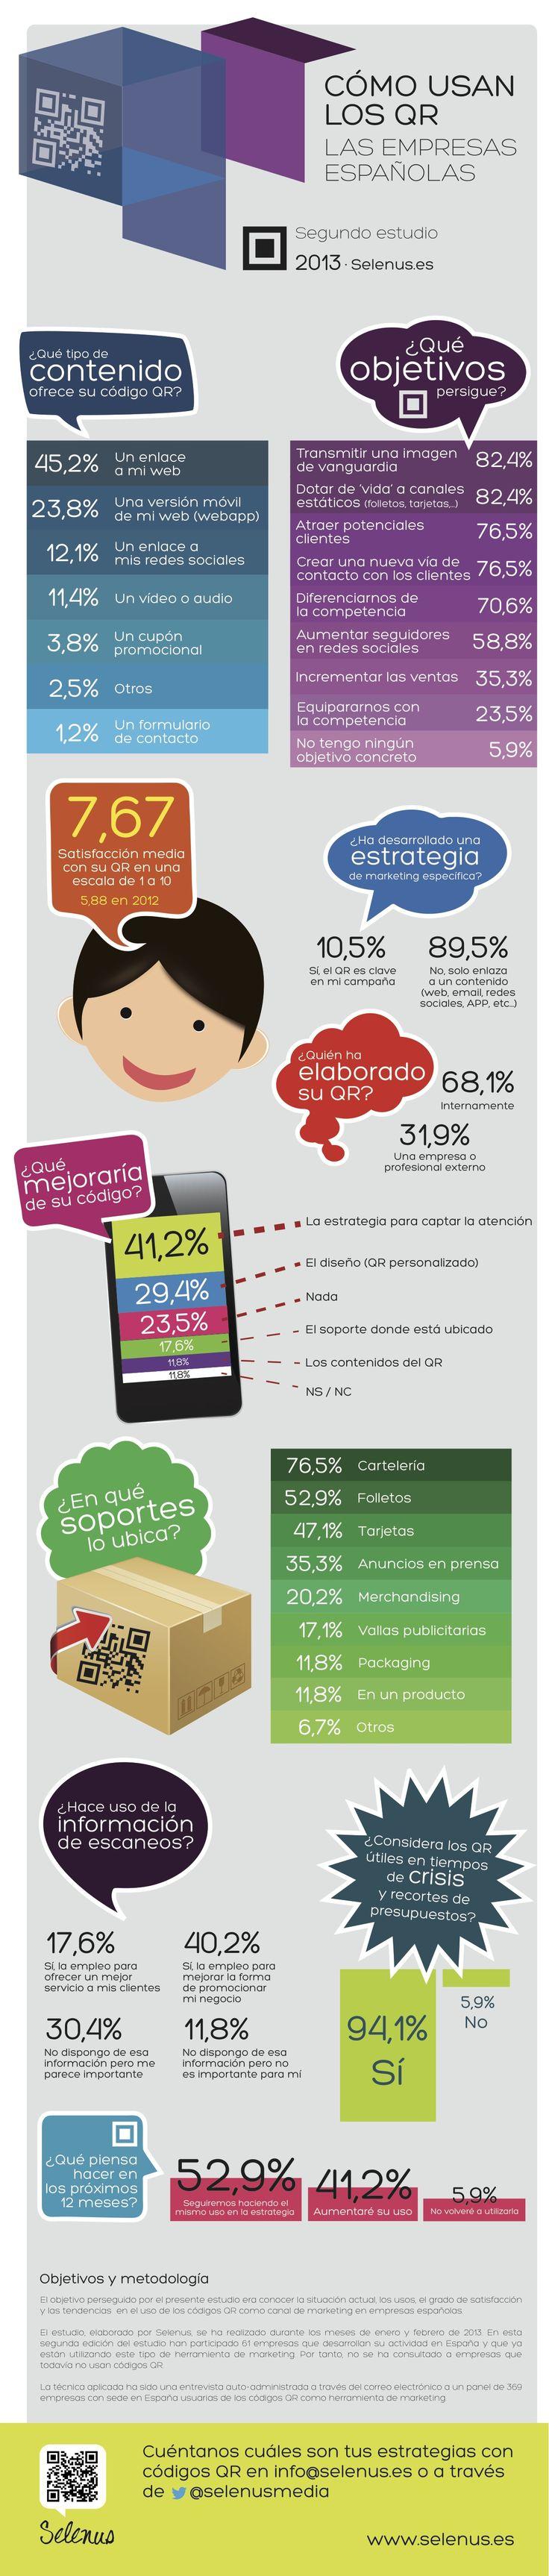 Cómo usan los códigos QR las empresas españolas vía @Cdperiodismo